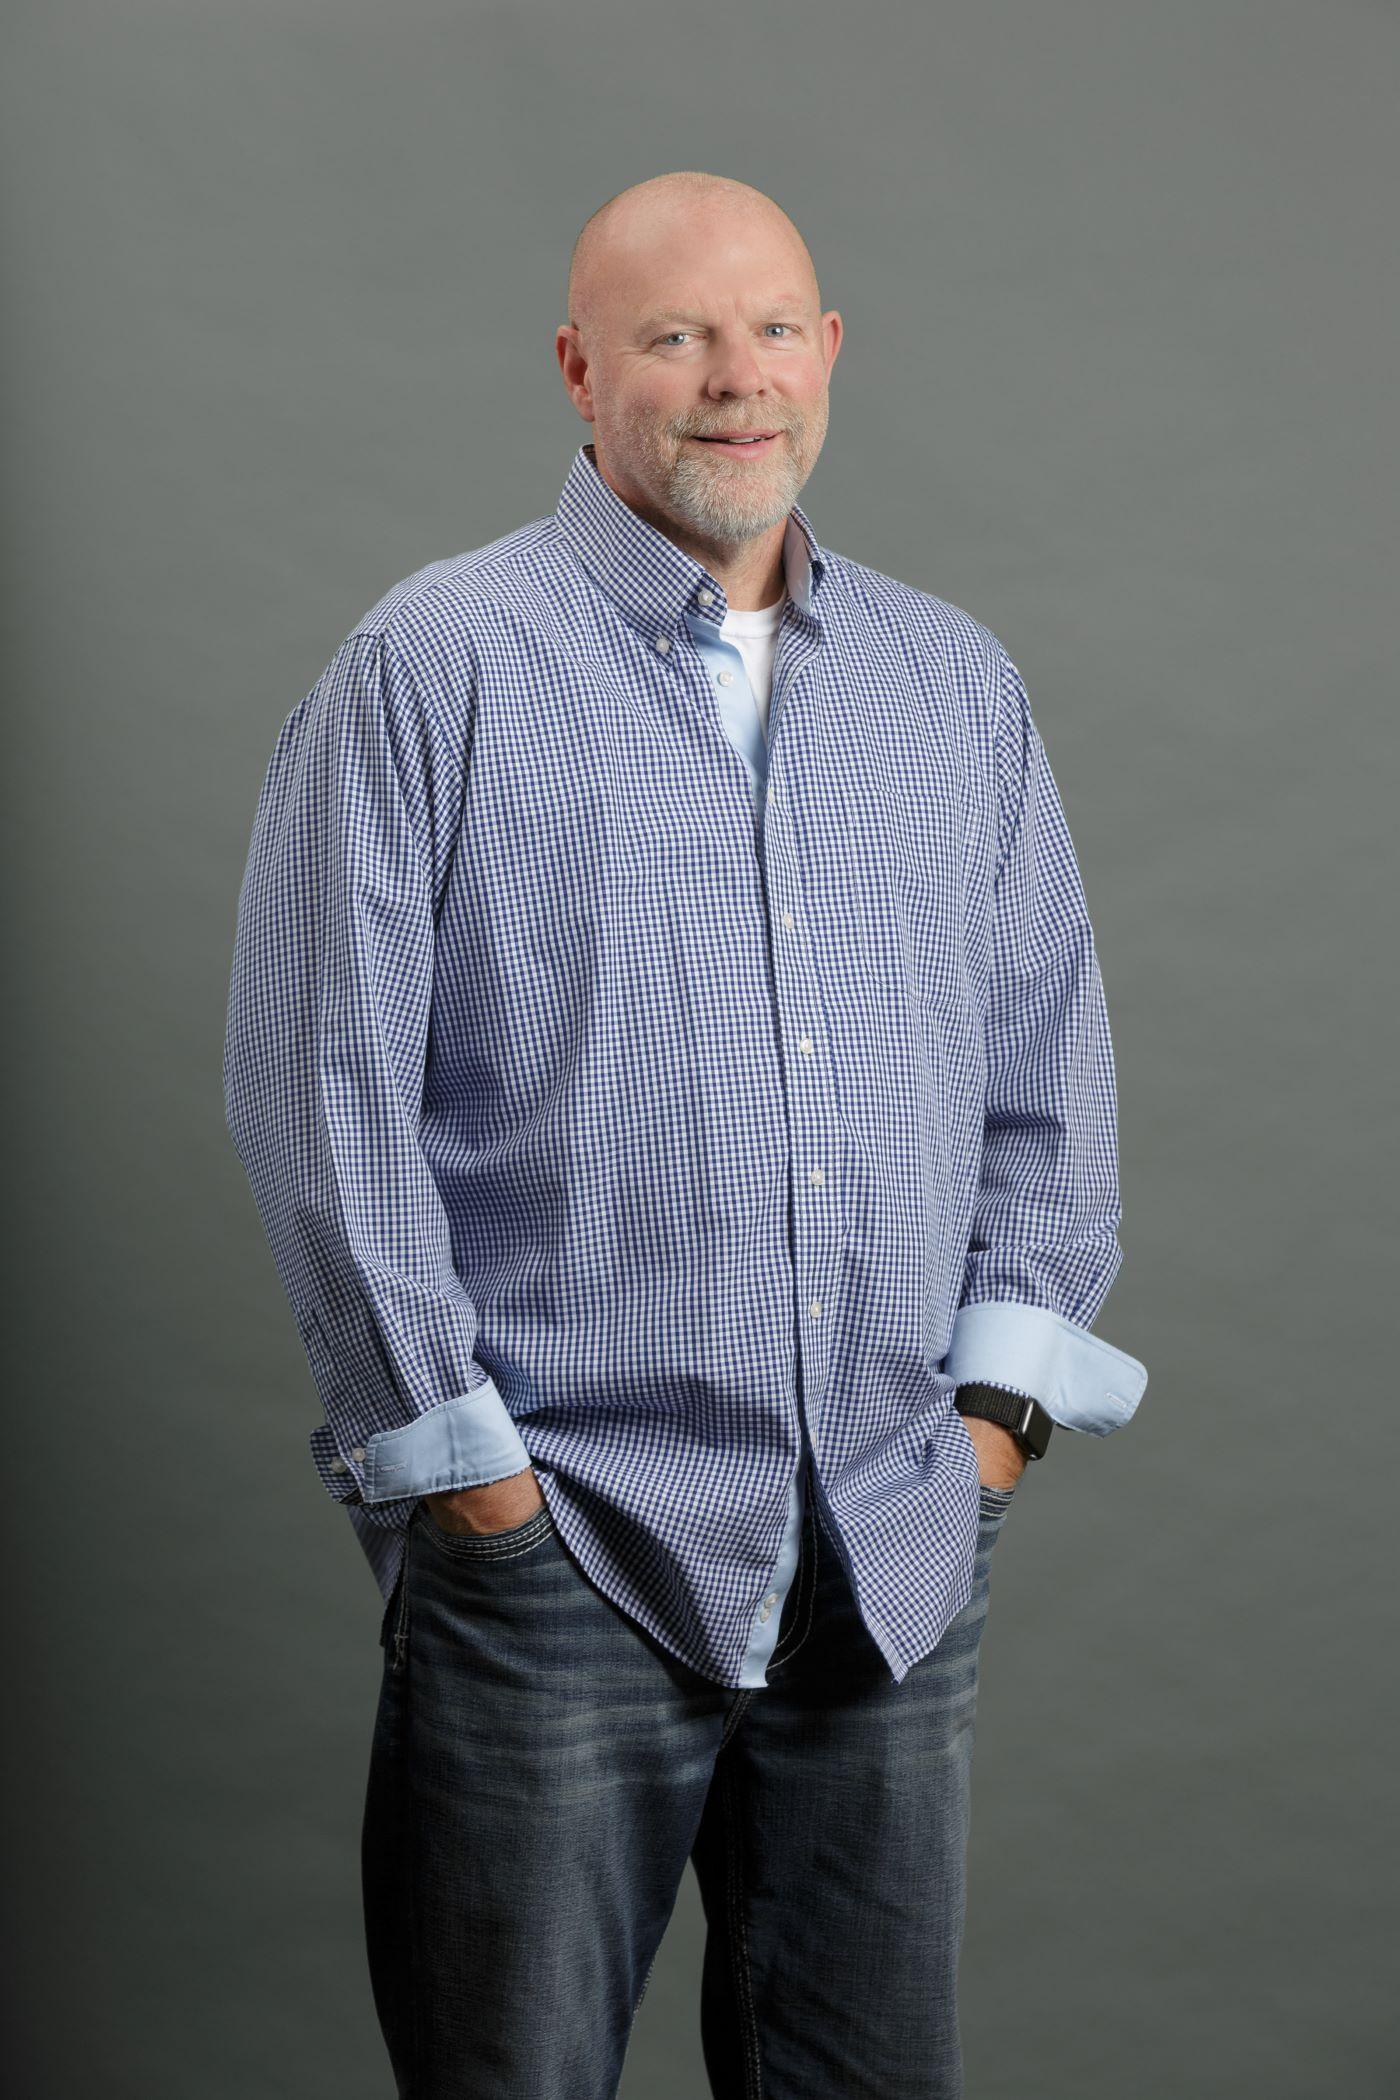 Mark Wiesemann